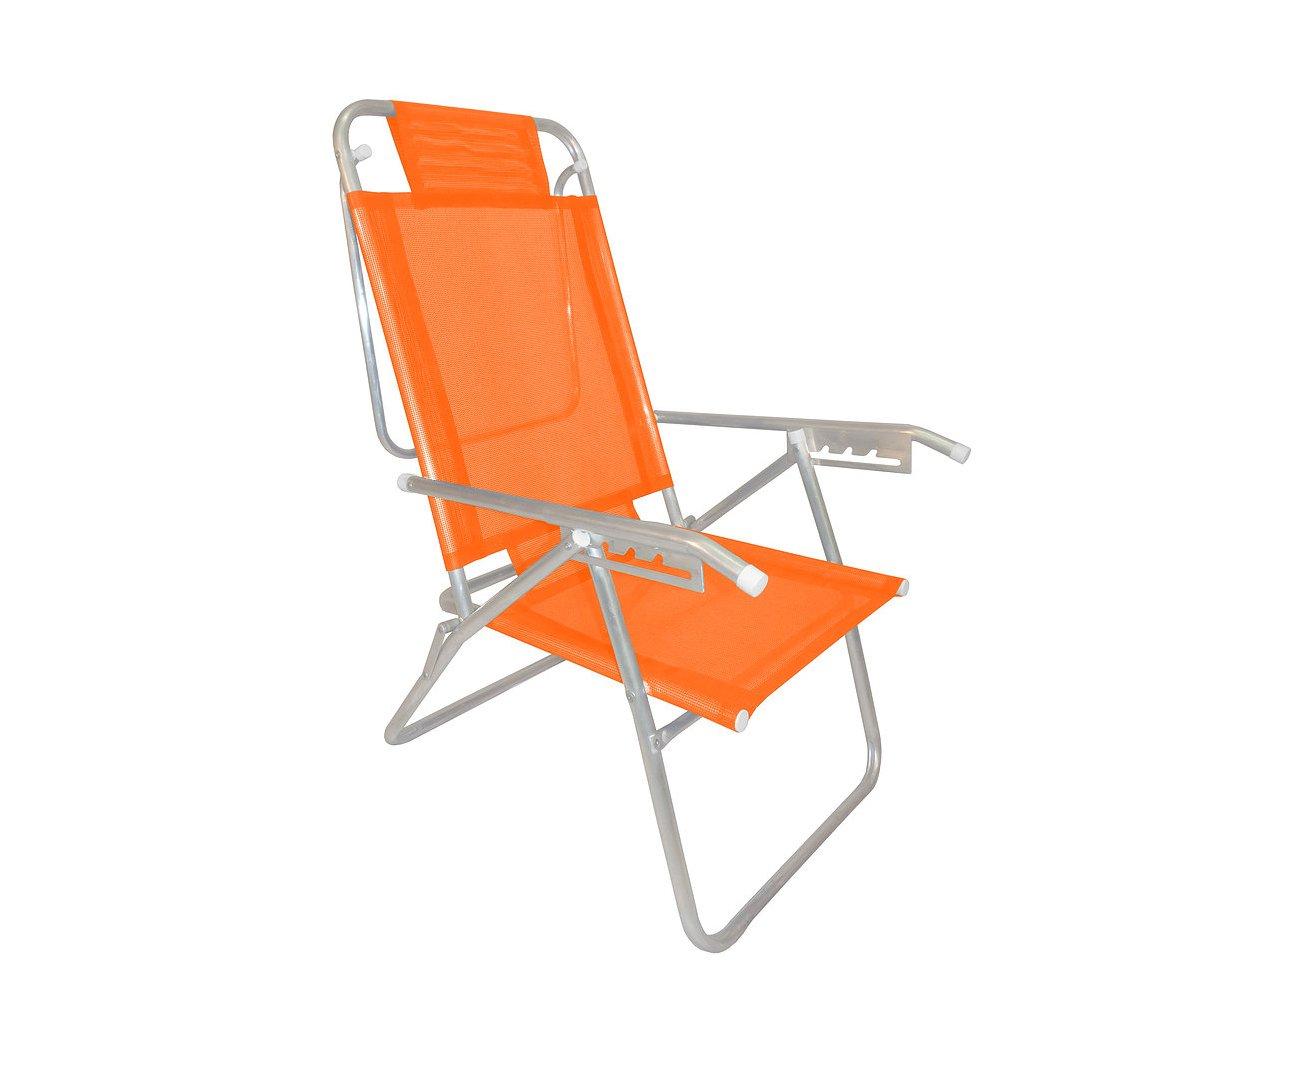 Cadeira Reclinável Zaka Em Alumínio 5 Posições Infinita Up Laranja